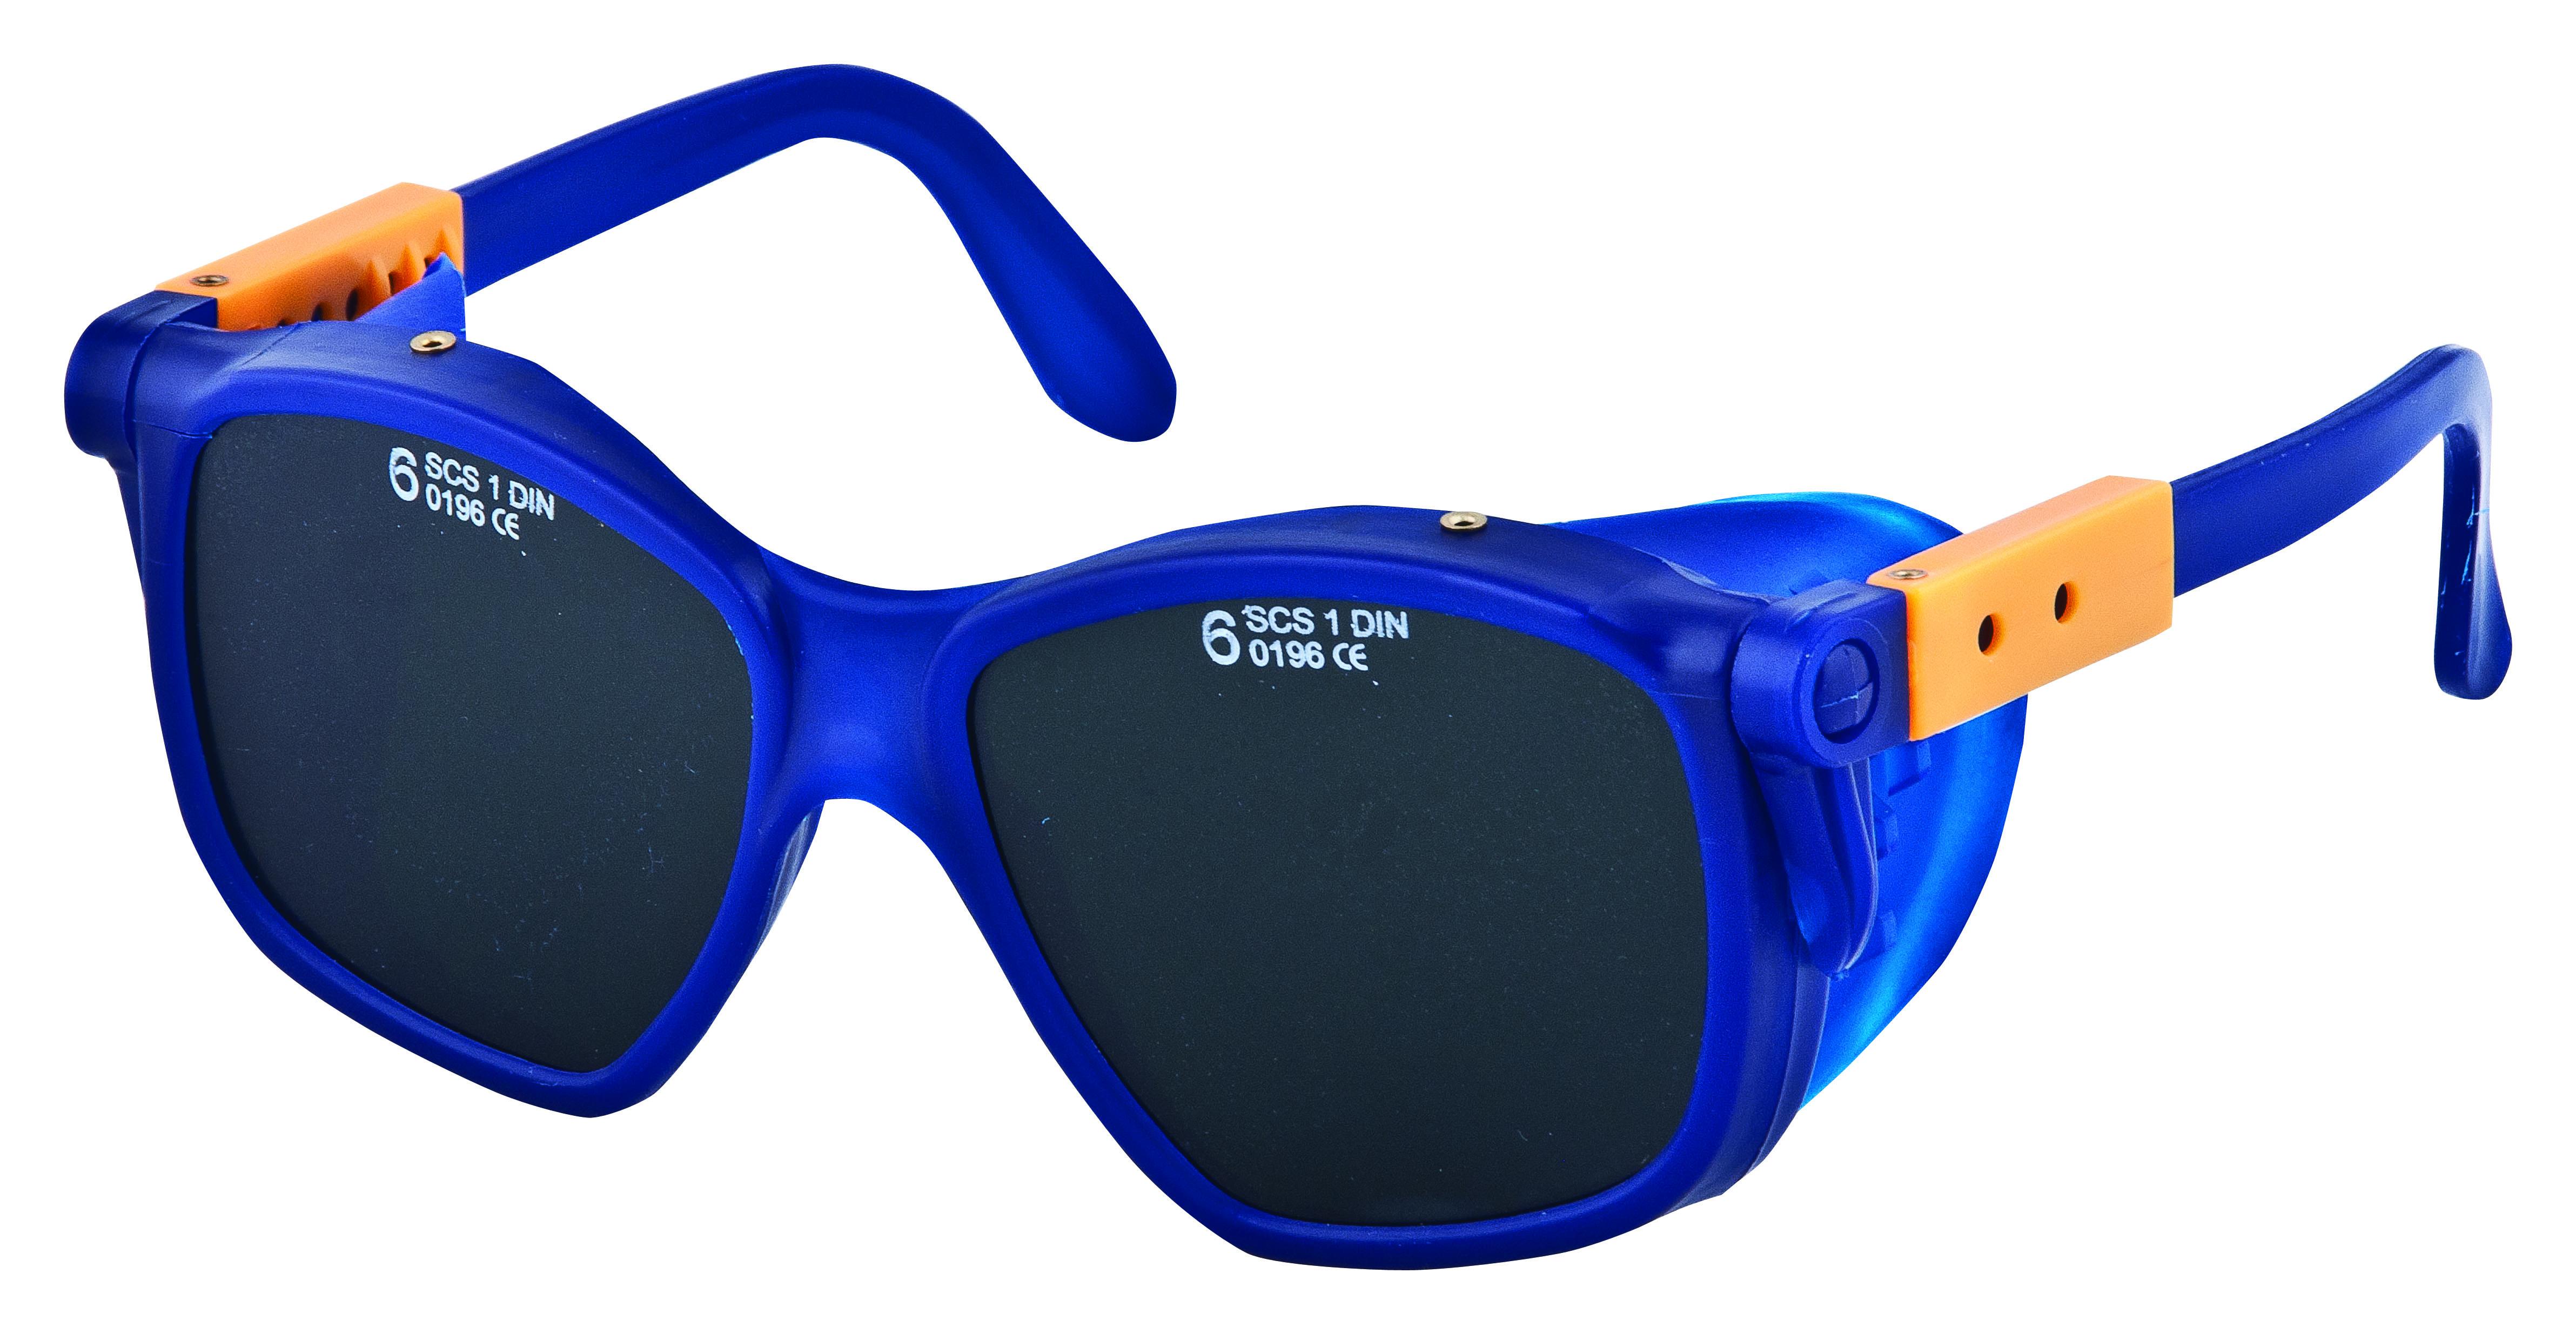 Brýle B-B 40 SOSF, kouřové, č.4 04